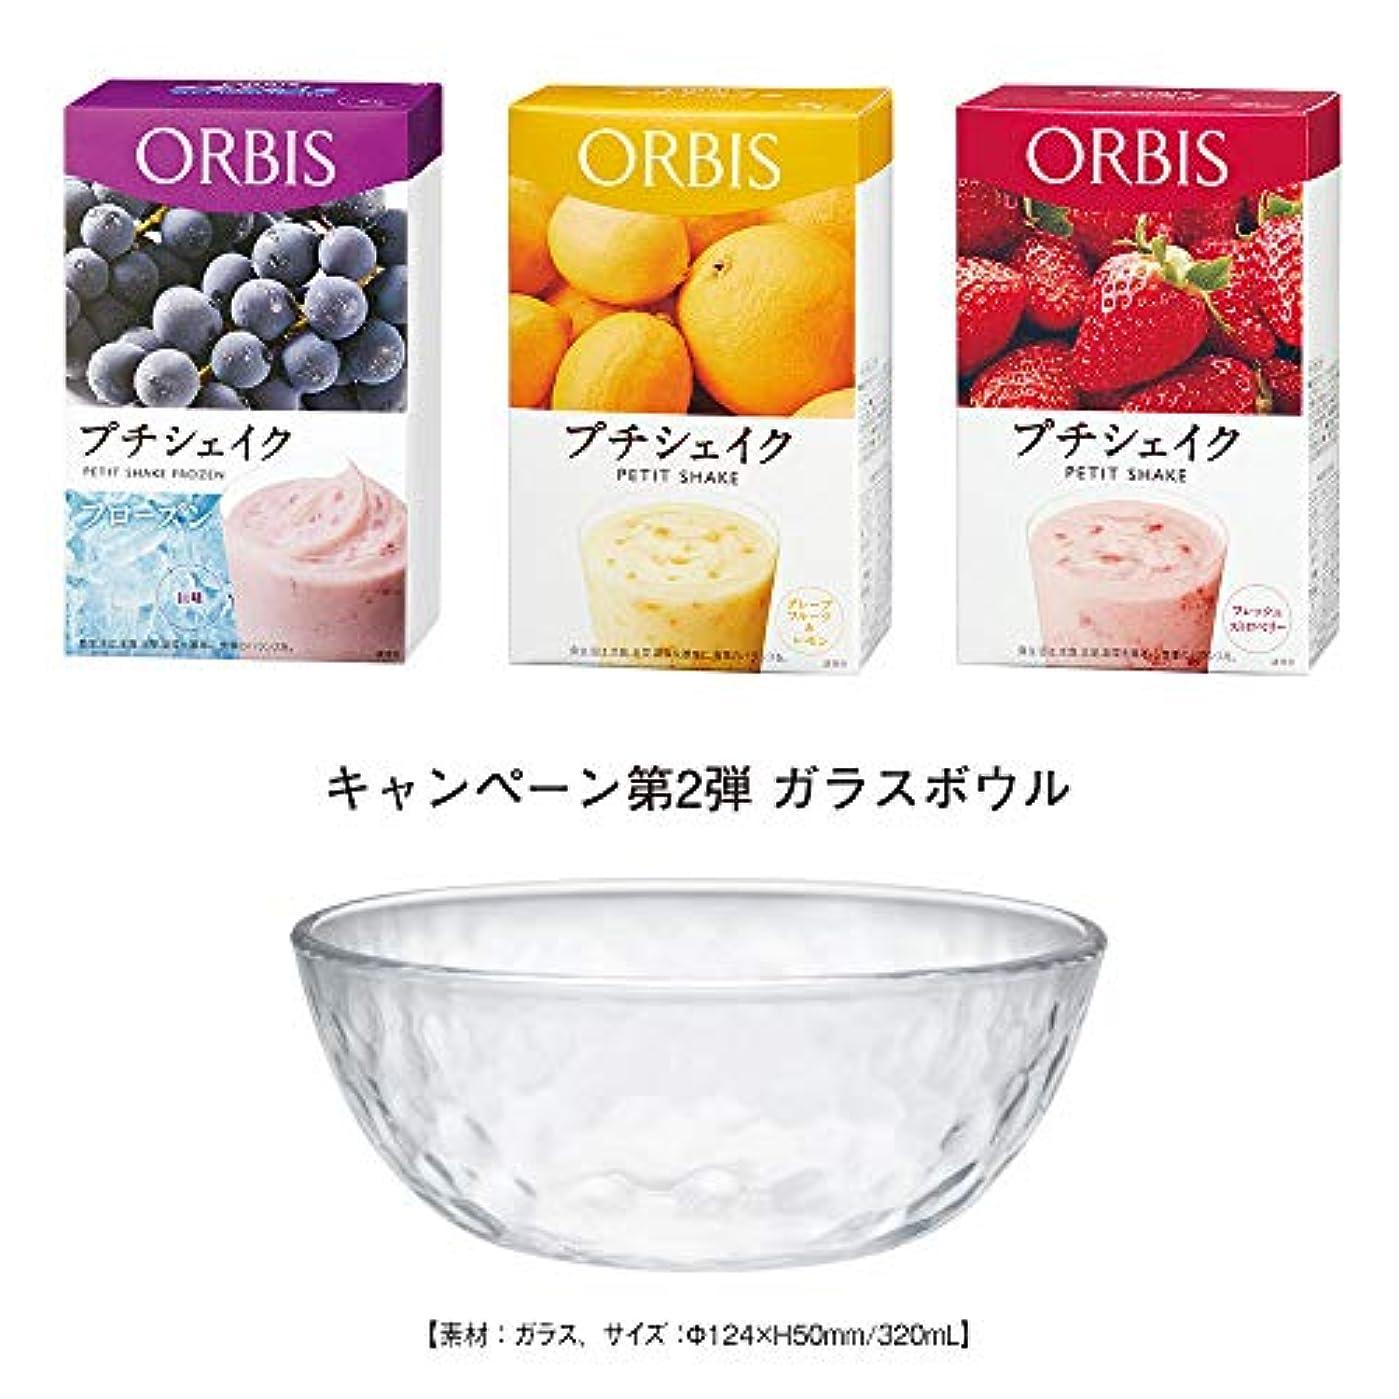 プール実り多いギネスオルビス(ORBIS) プチシェイク3箱セット(フローズン 巨峰+グレープフルーツ&レモン+フレッシュストロベリー) 7食分×3箱 ガラスボウル付 ◎(ダイエットドリンク?スムージー◎